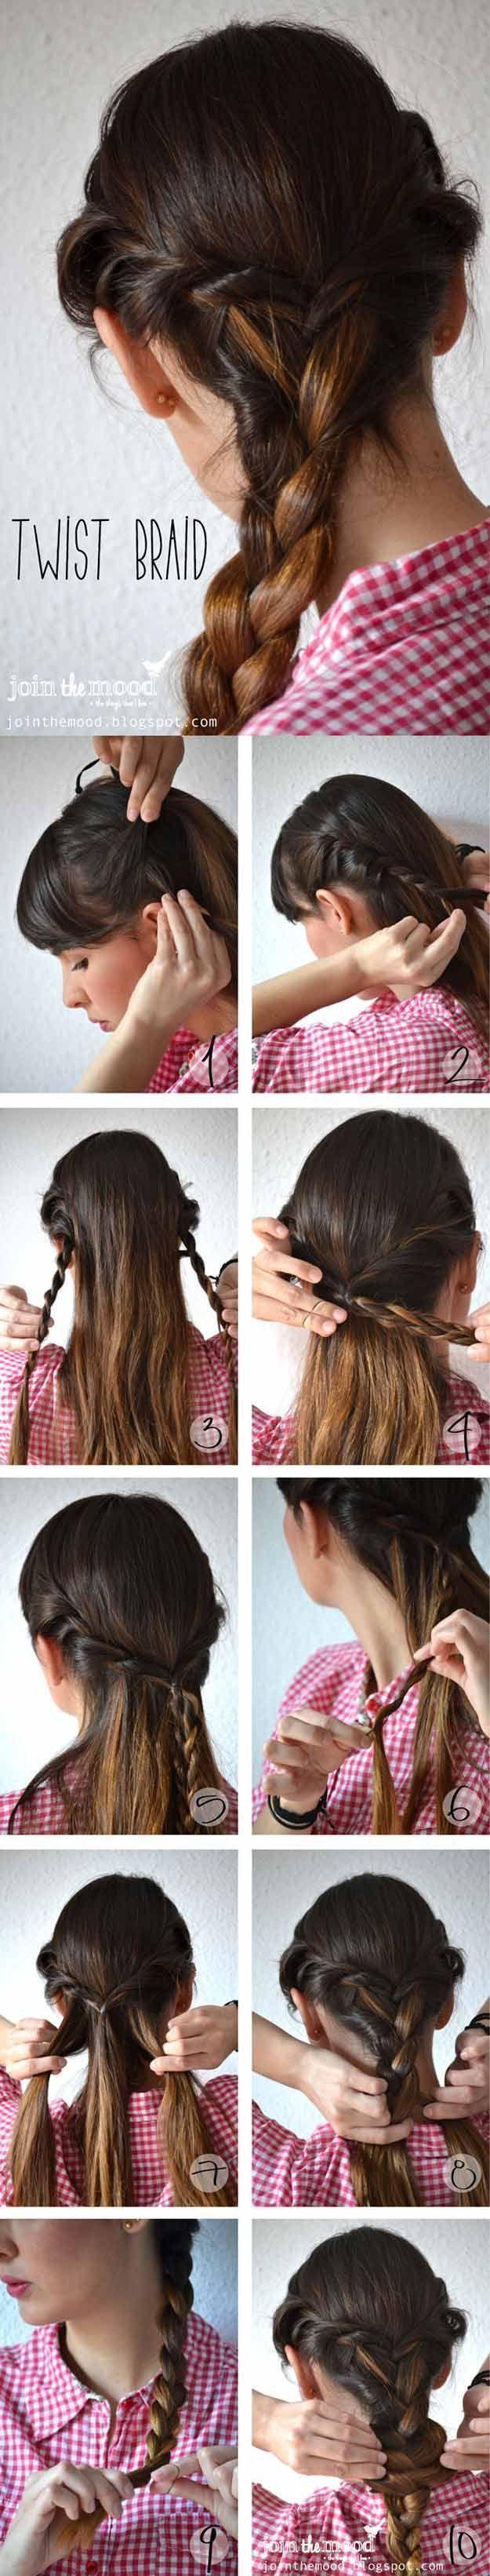 9462 besten Braided hairstyles Bilder auf Pinterest